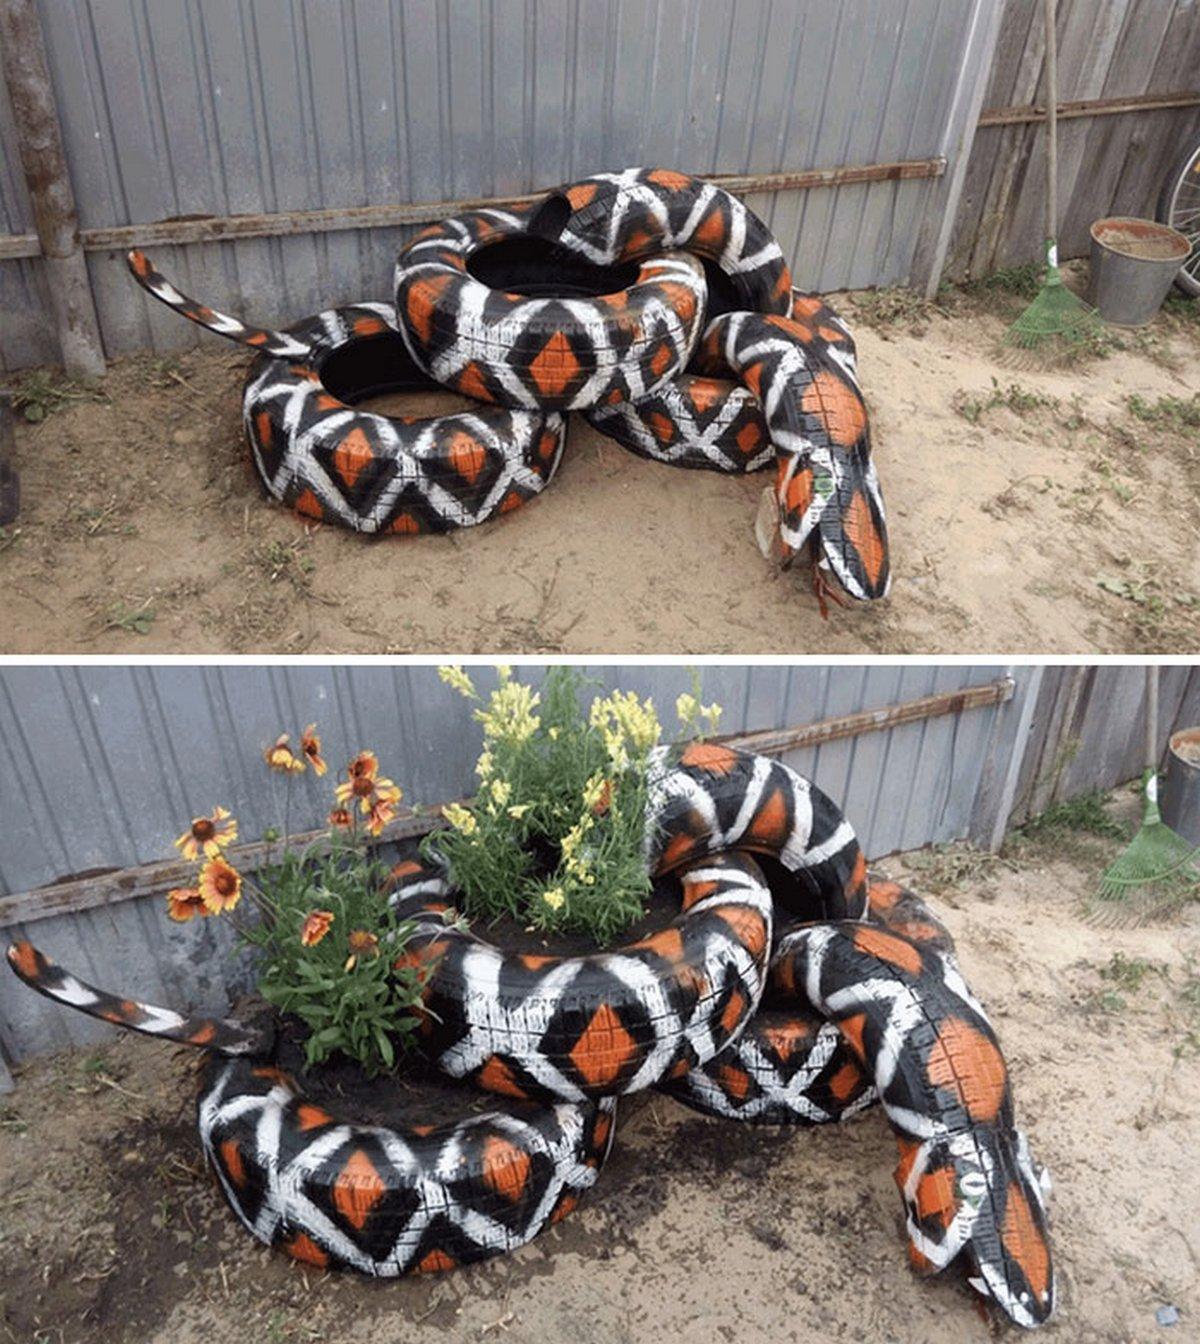 Voici les choses les plus bizarres aperçues dans les jardins et les cours des gens